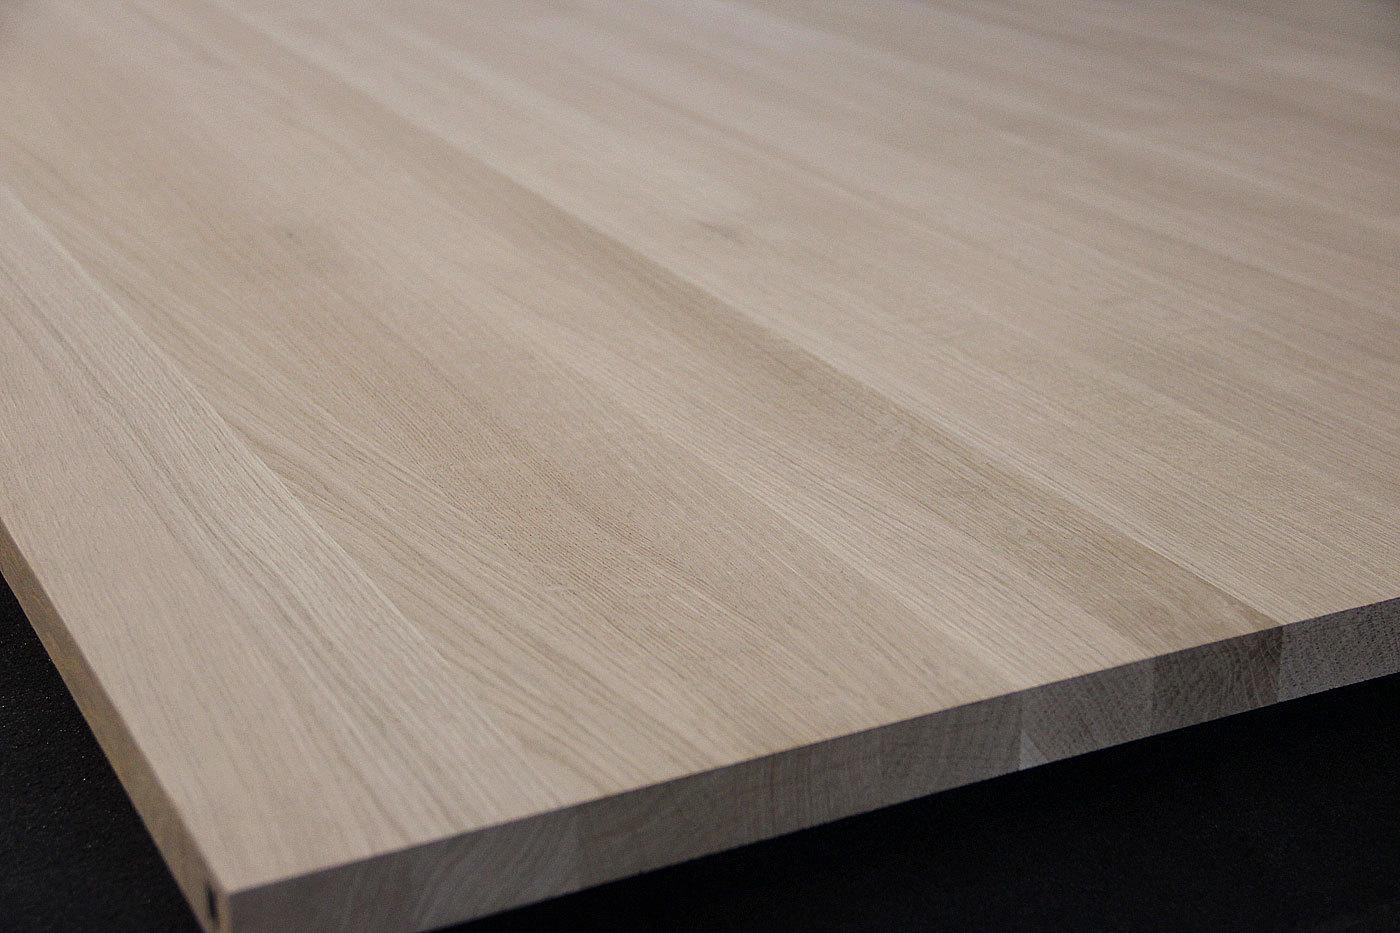 m belbauplatte tischplatte massivholz eiche dl 26 mm x diverse l ngen x 910 mm. Black Bedroom Furniture Sets. Home Design Ideas